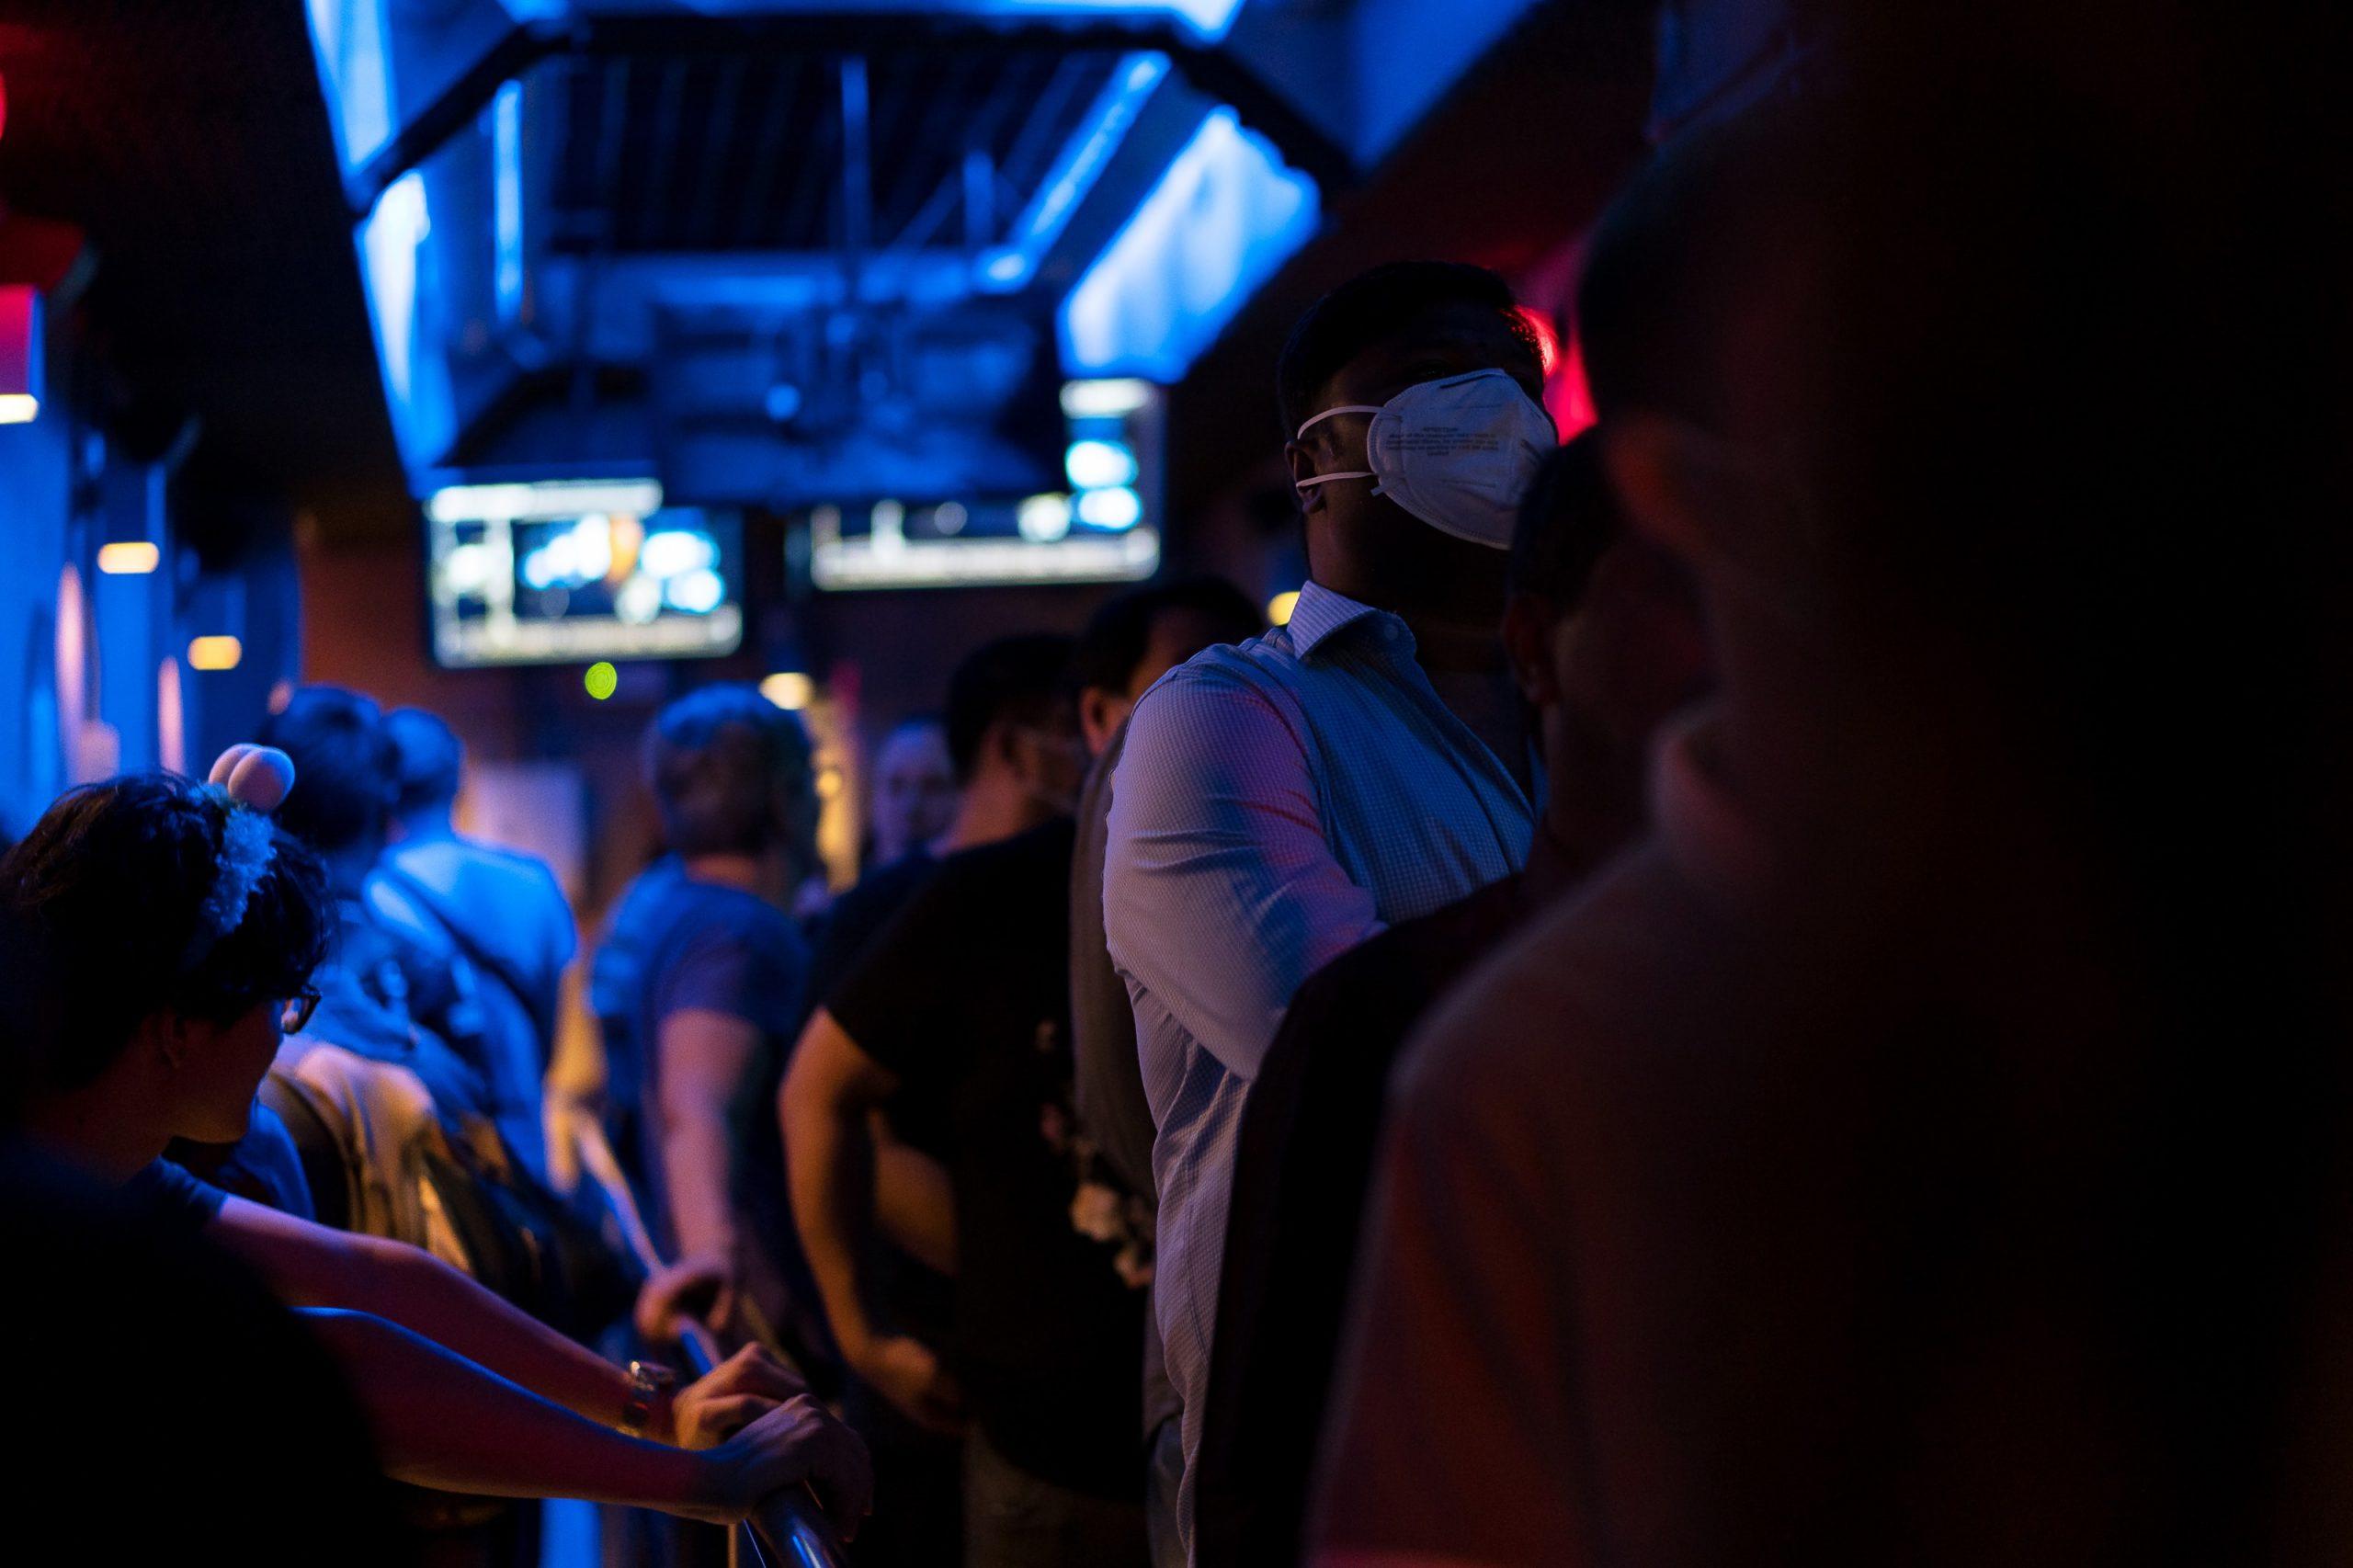 Nach Clubbesuch: 42 Menschen mit Coronavirus infiziert